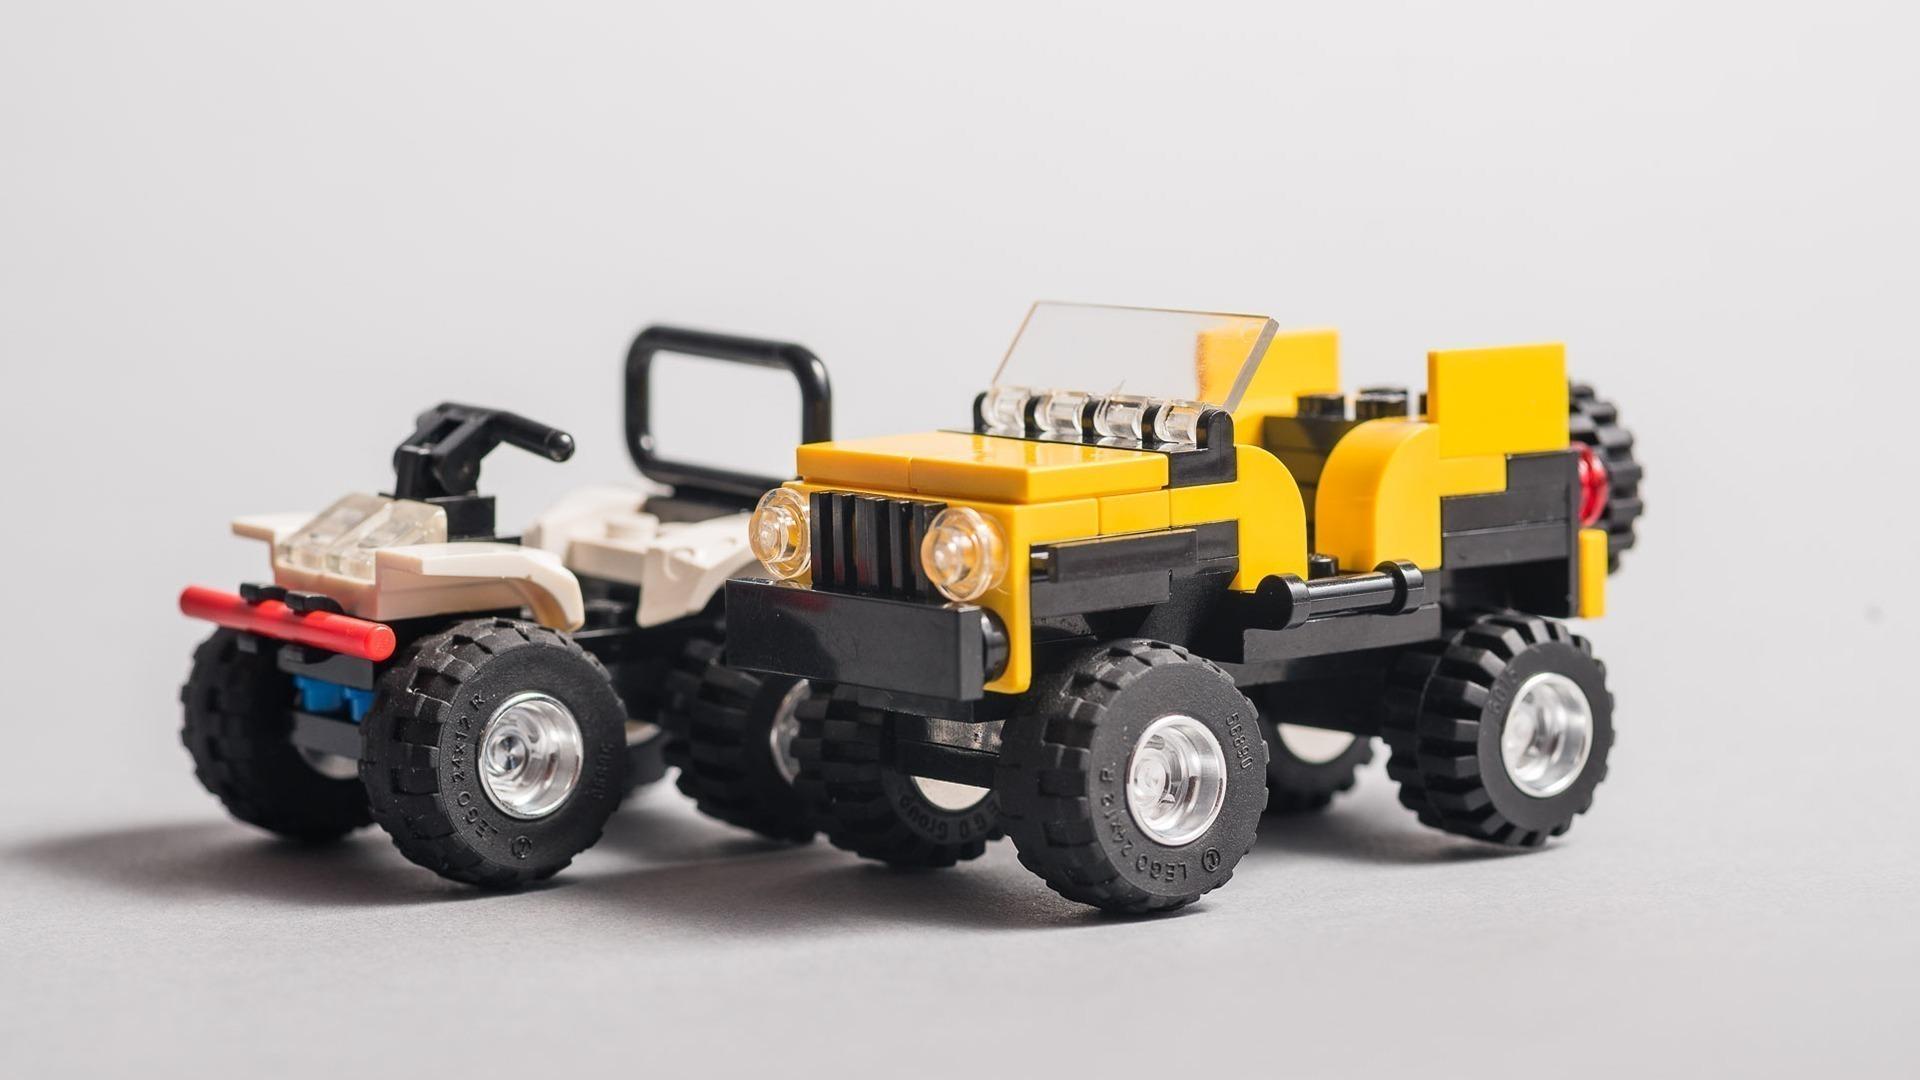 lego-aftermarket-mods-mark-carpenter-06